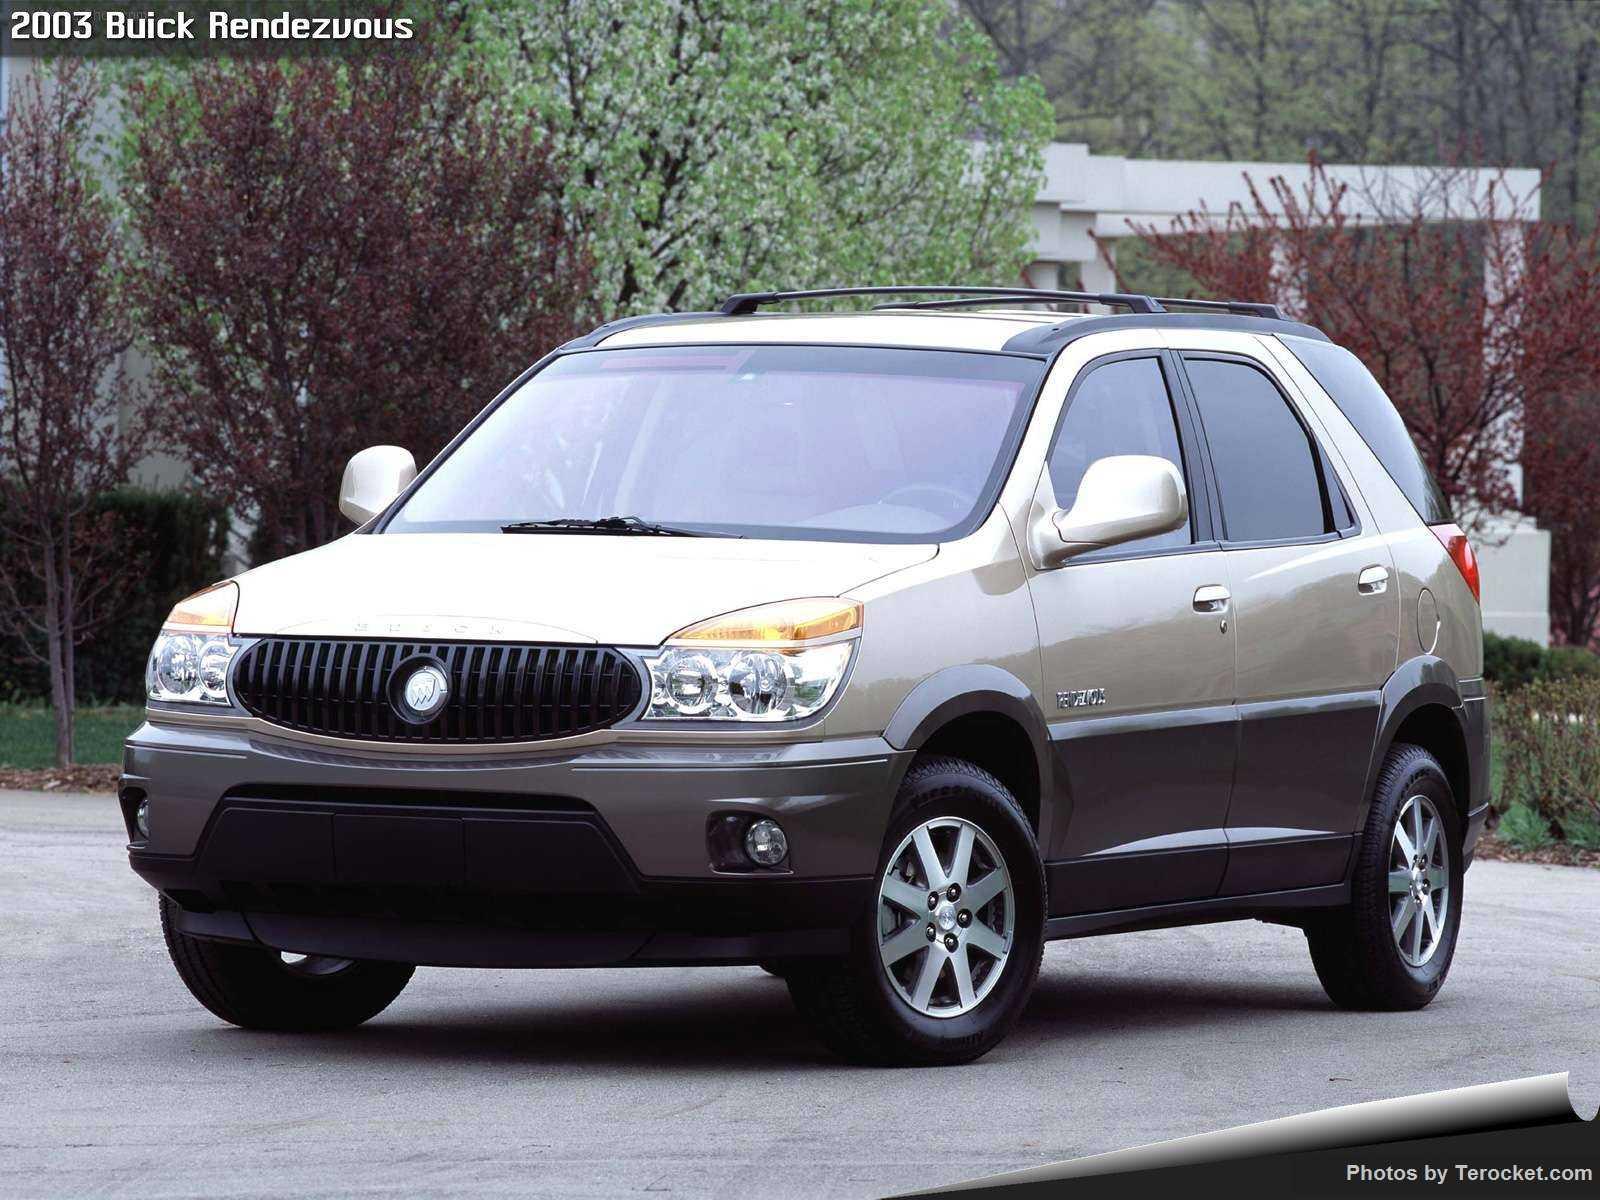 Hình ảnh xe ô tô Buick Rendezvous 2003 & nội ngoại thất